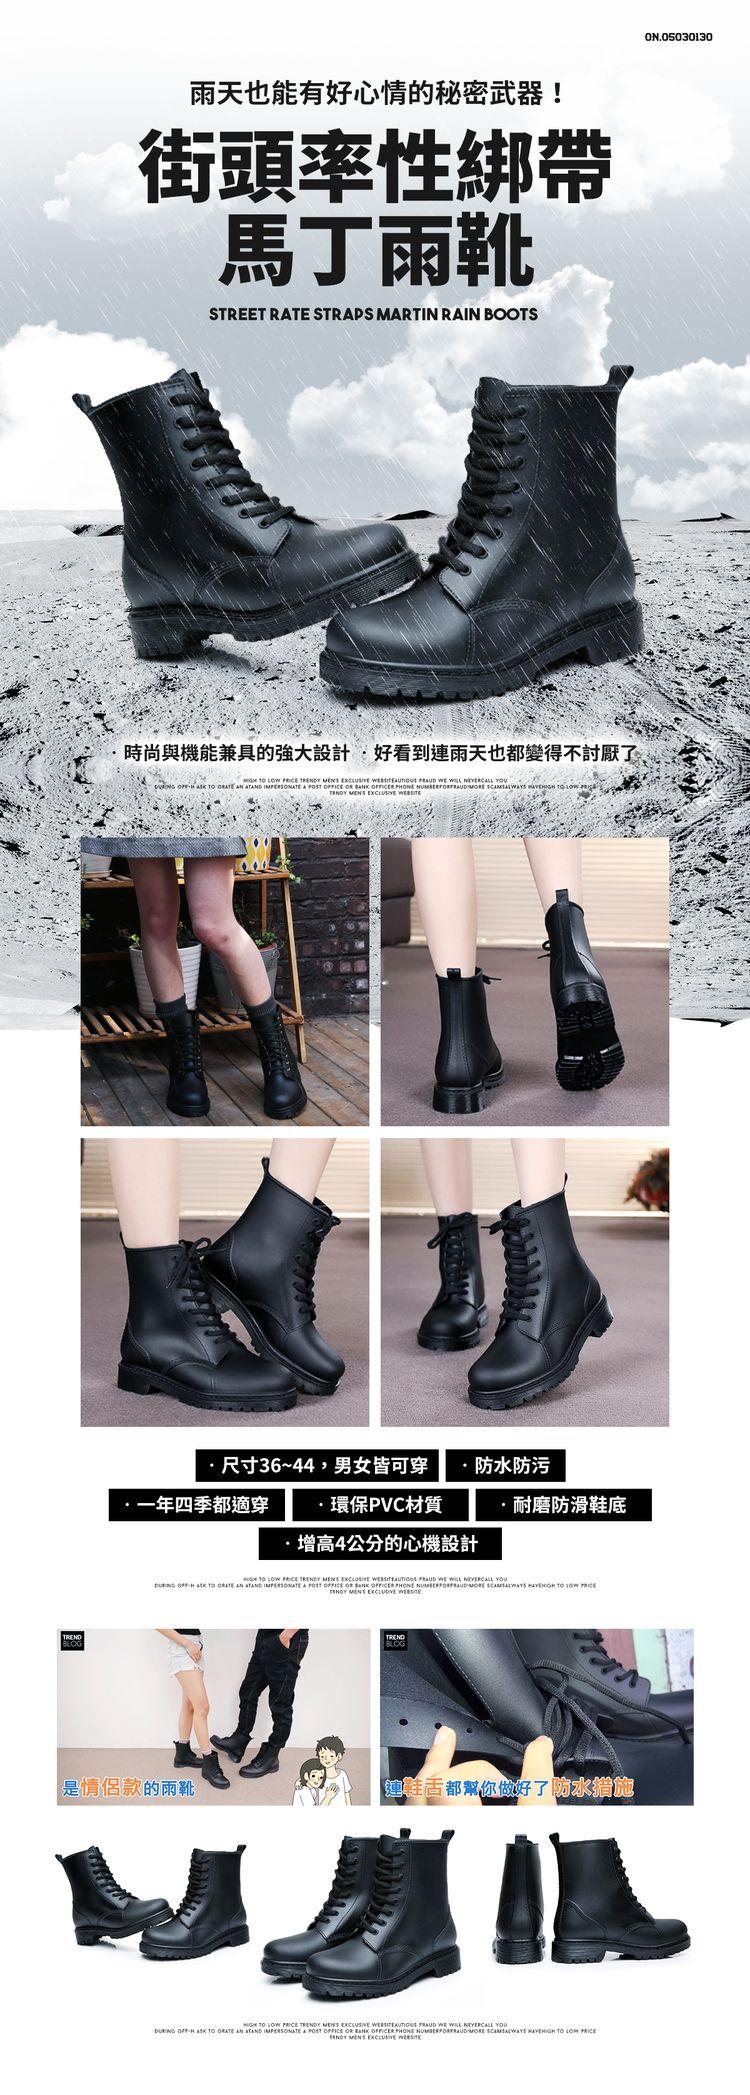 耐磨防滑大底.環保PVC馬丁雨靴.情侶款